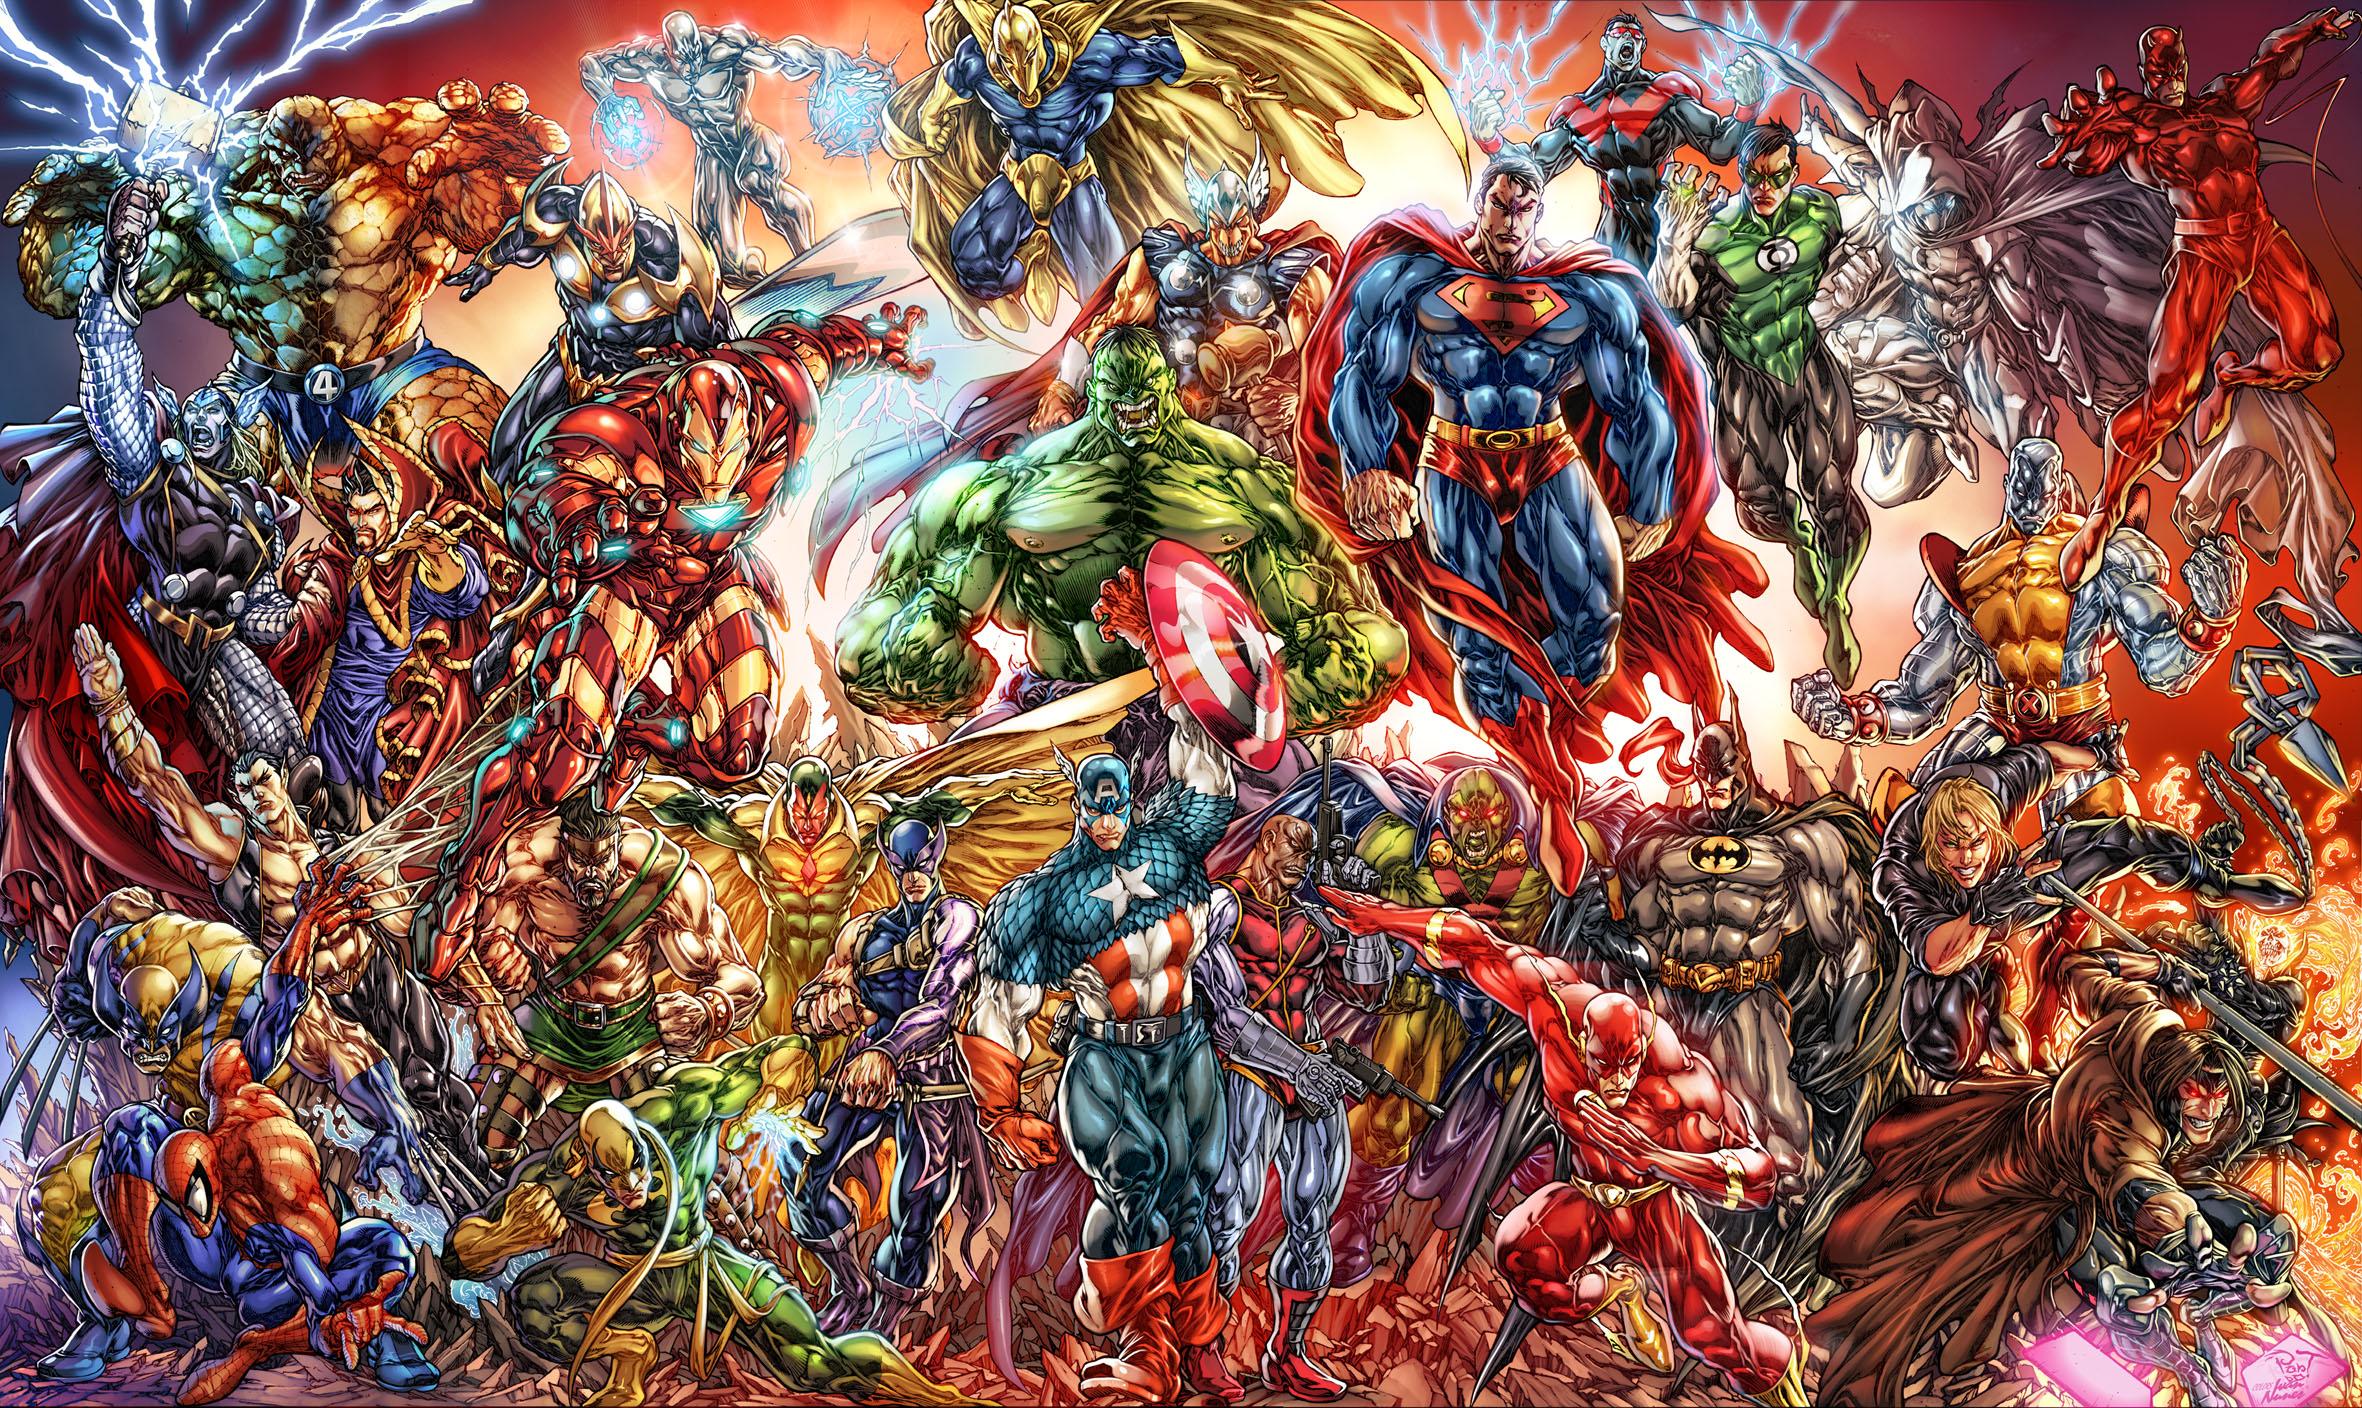 4K Wallpaper Marvel - WallpaperSafari